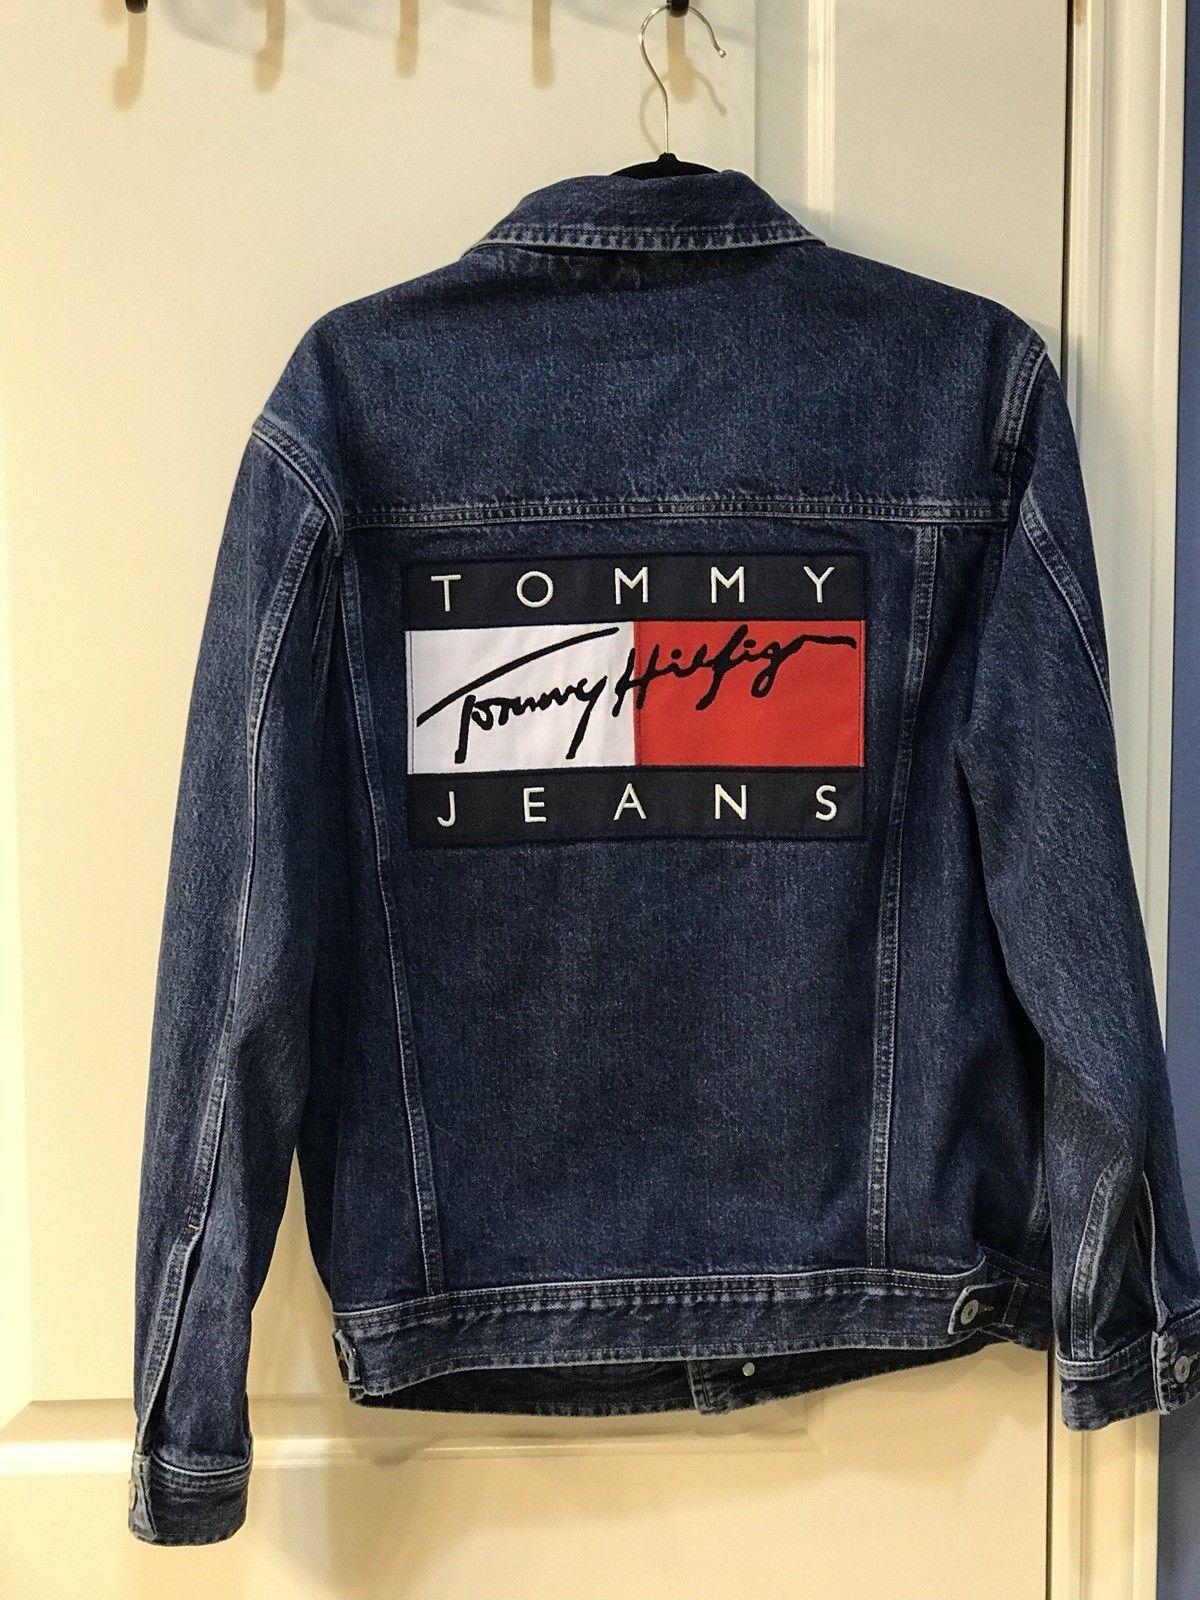 bon marché courir chaussures dessins attrayants Tommy Hilfiger : 5 modèles de vestes vintages vendues sur eBay !